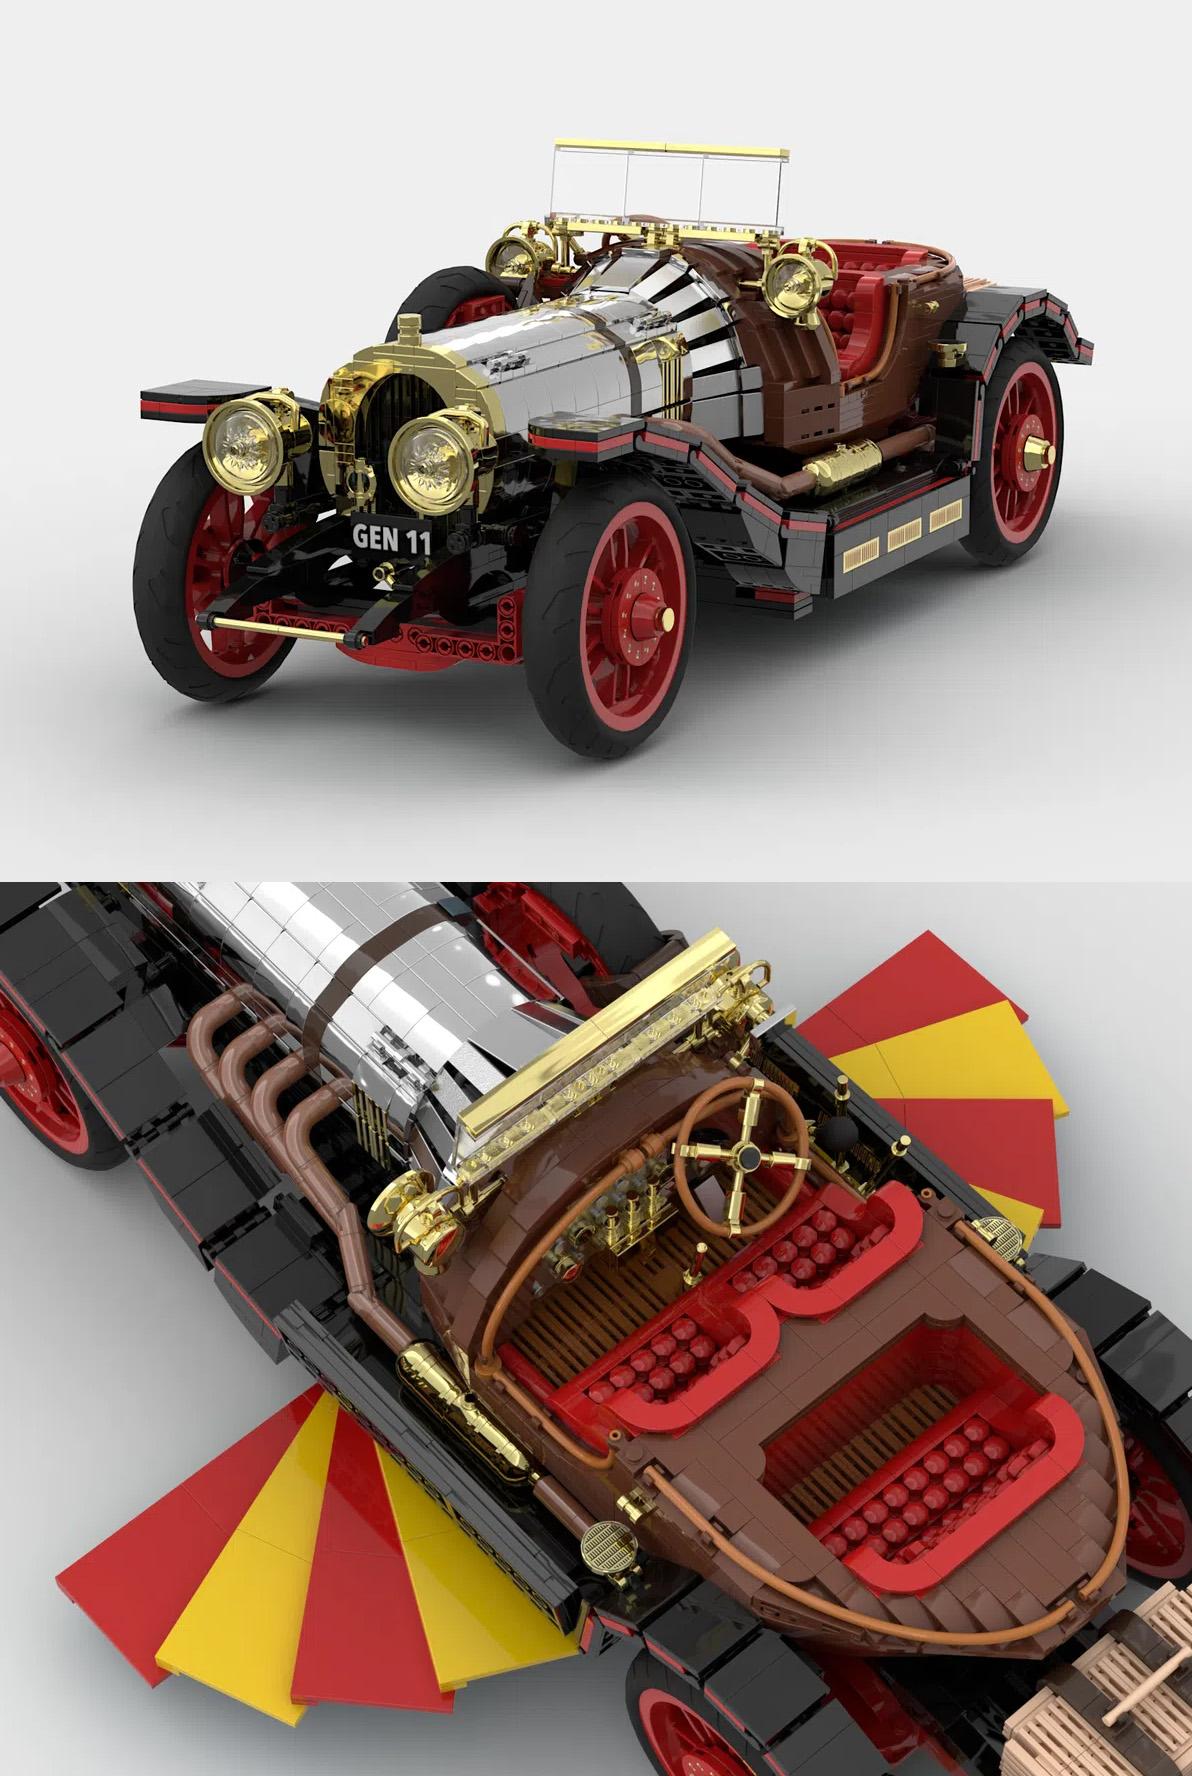 レゴアイデアで『チキ・チキ・バン・バン』が製品化レビュー進出!2021年第1回1万サポート獲得デザイン紹介